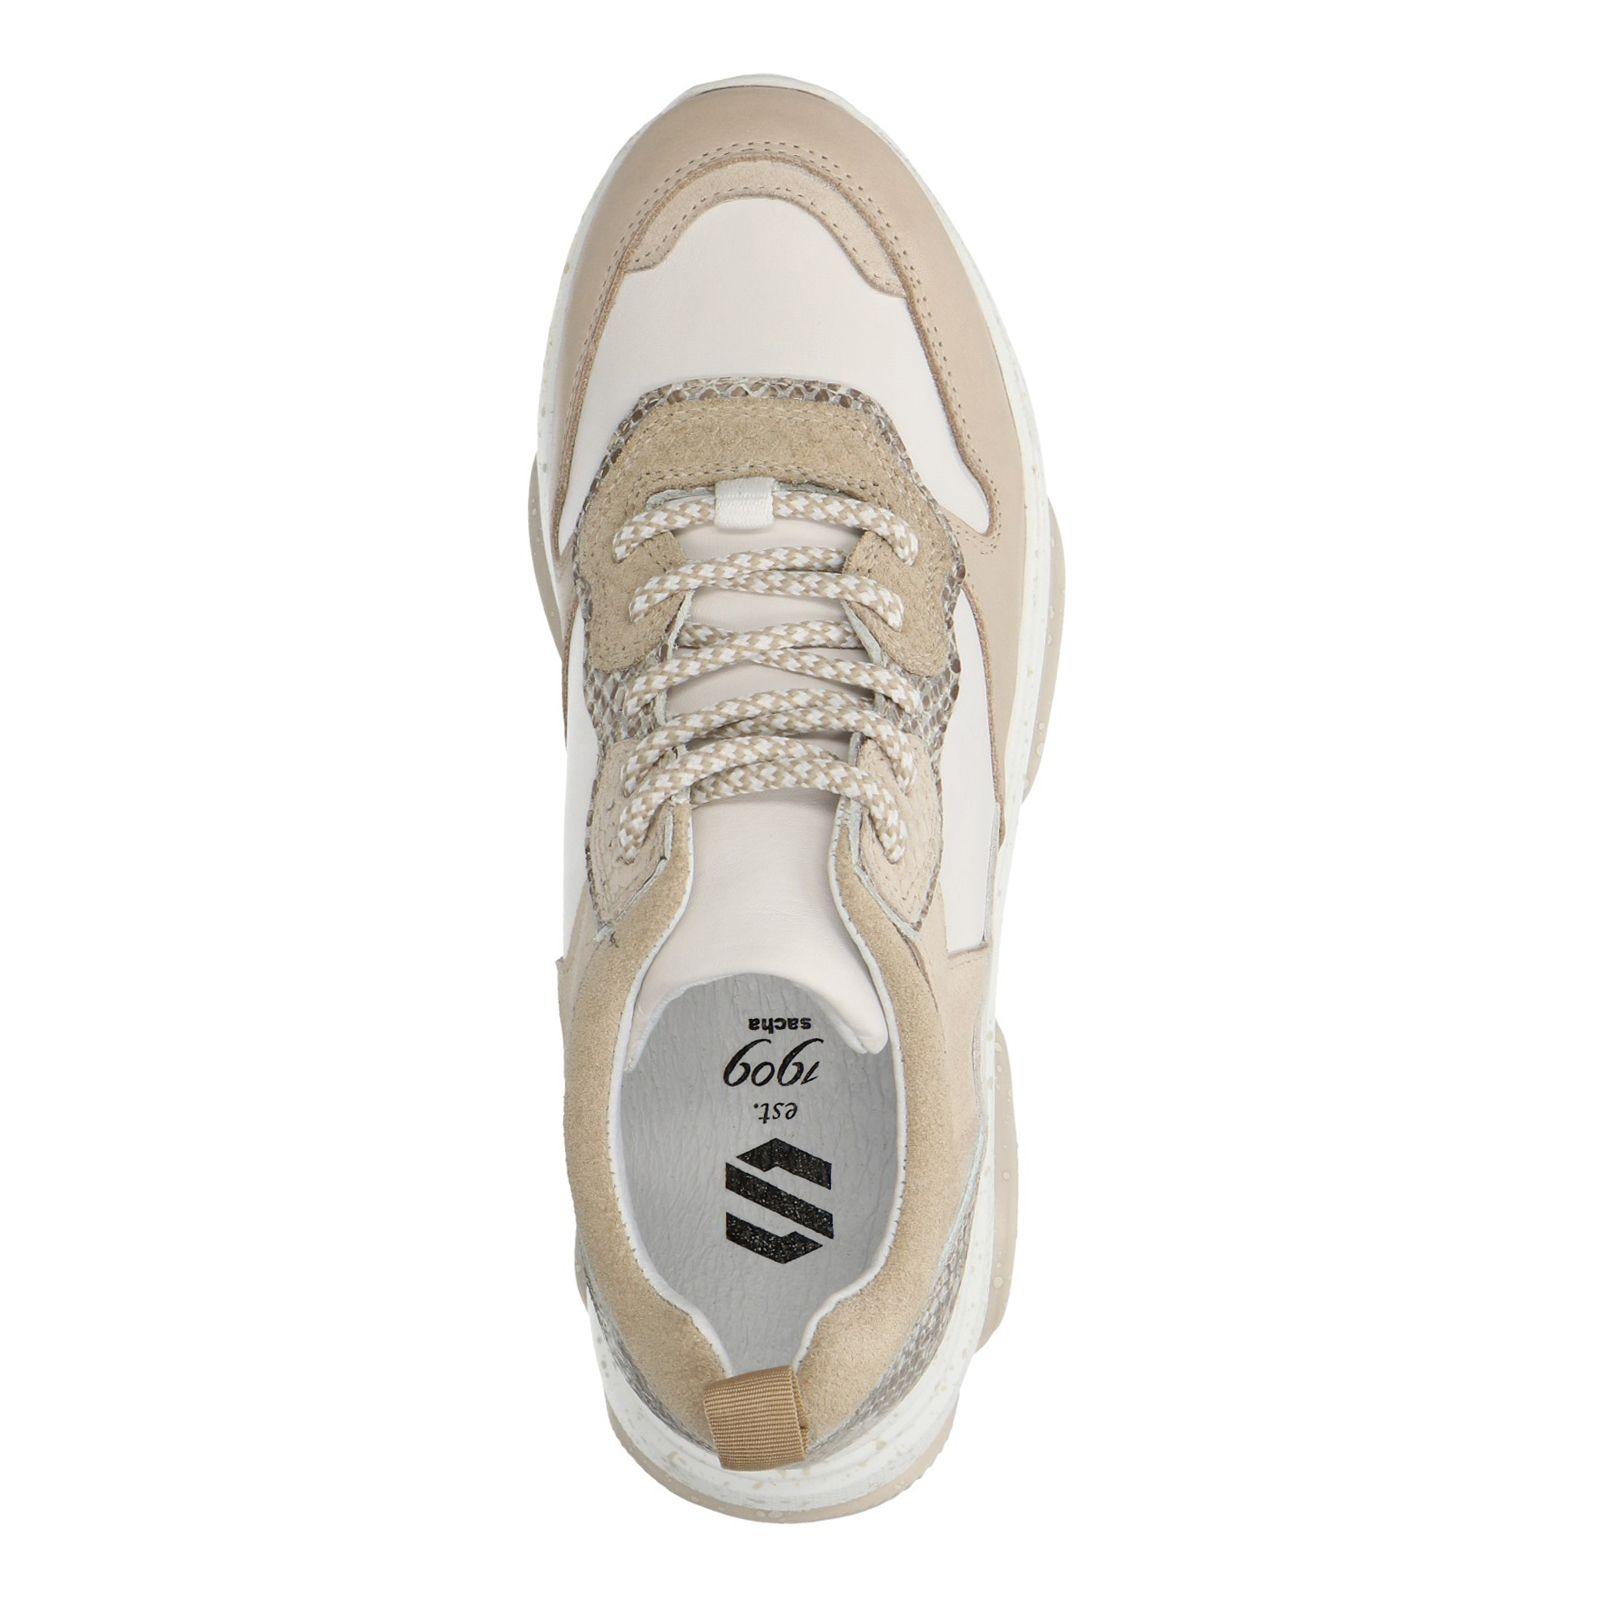 Beige dad sneakers - Damesschoenen - SACHA